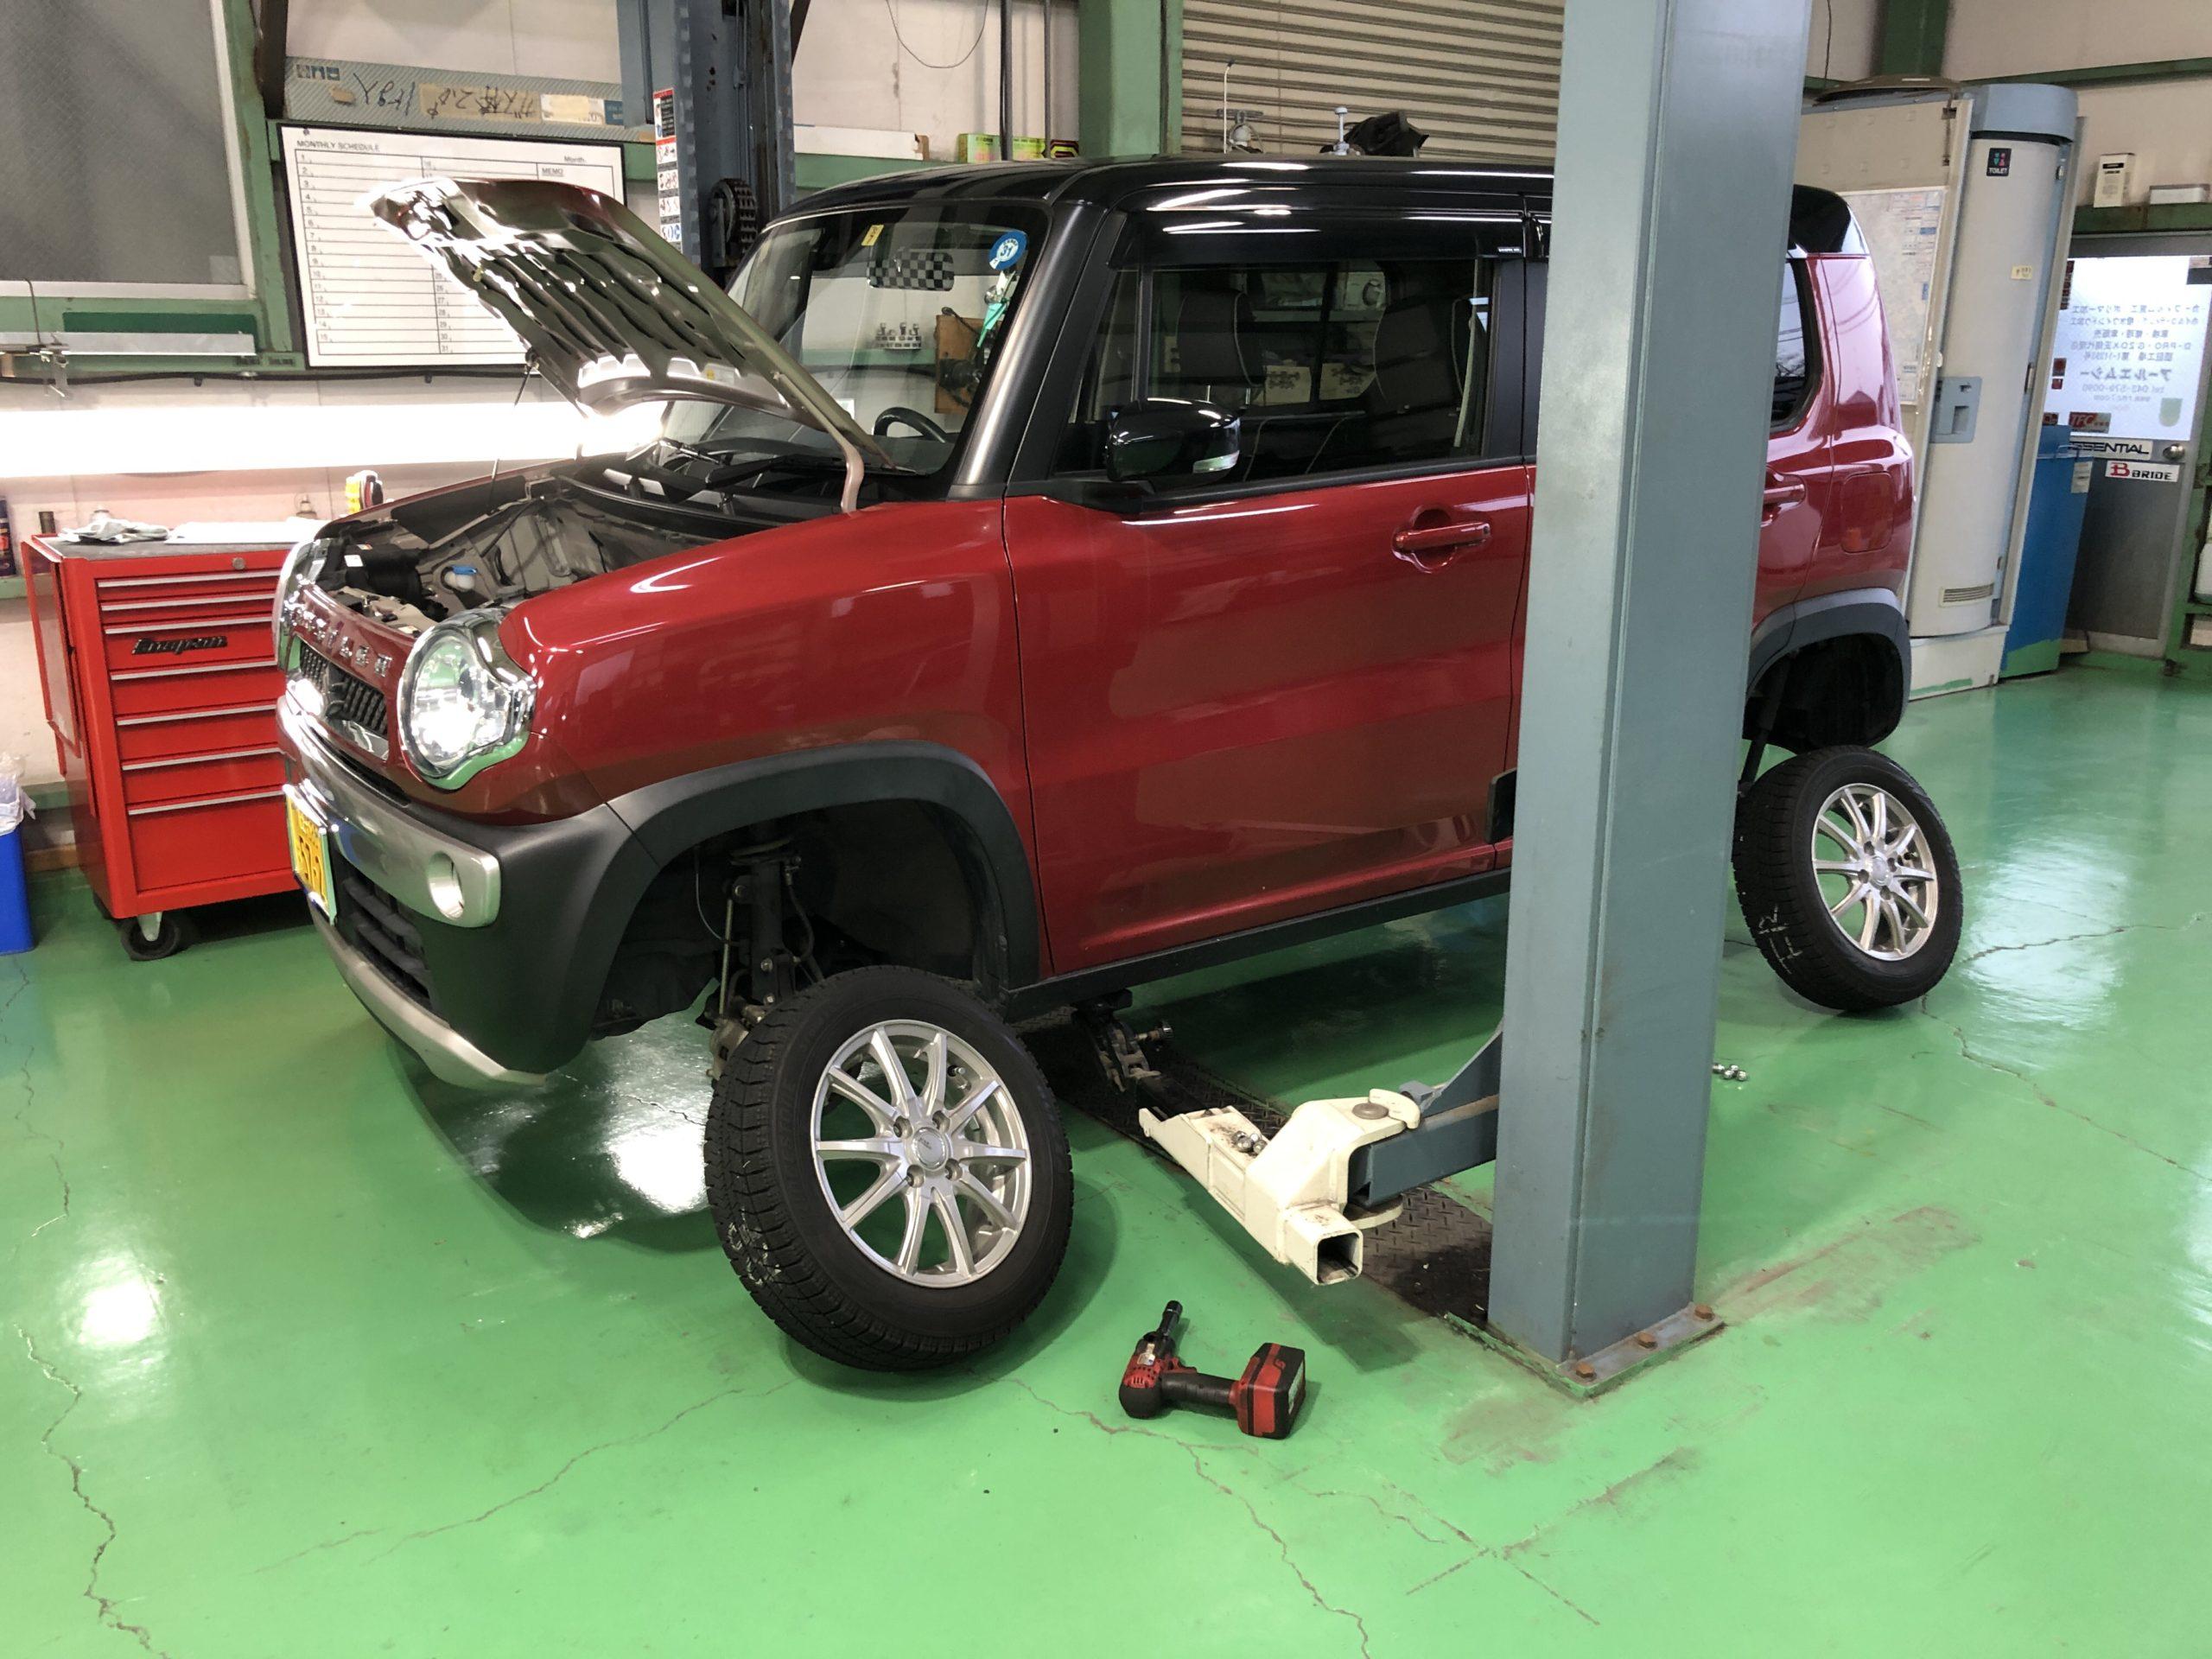 MR41S HUSTLER スタッドレスタイヤ履き替え エンジンオイル交換❗️羽村市U様MR41SHUSTLER